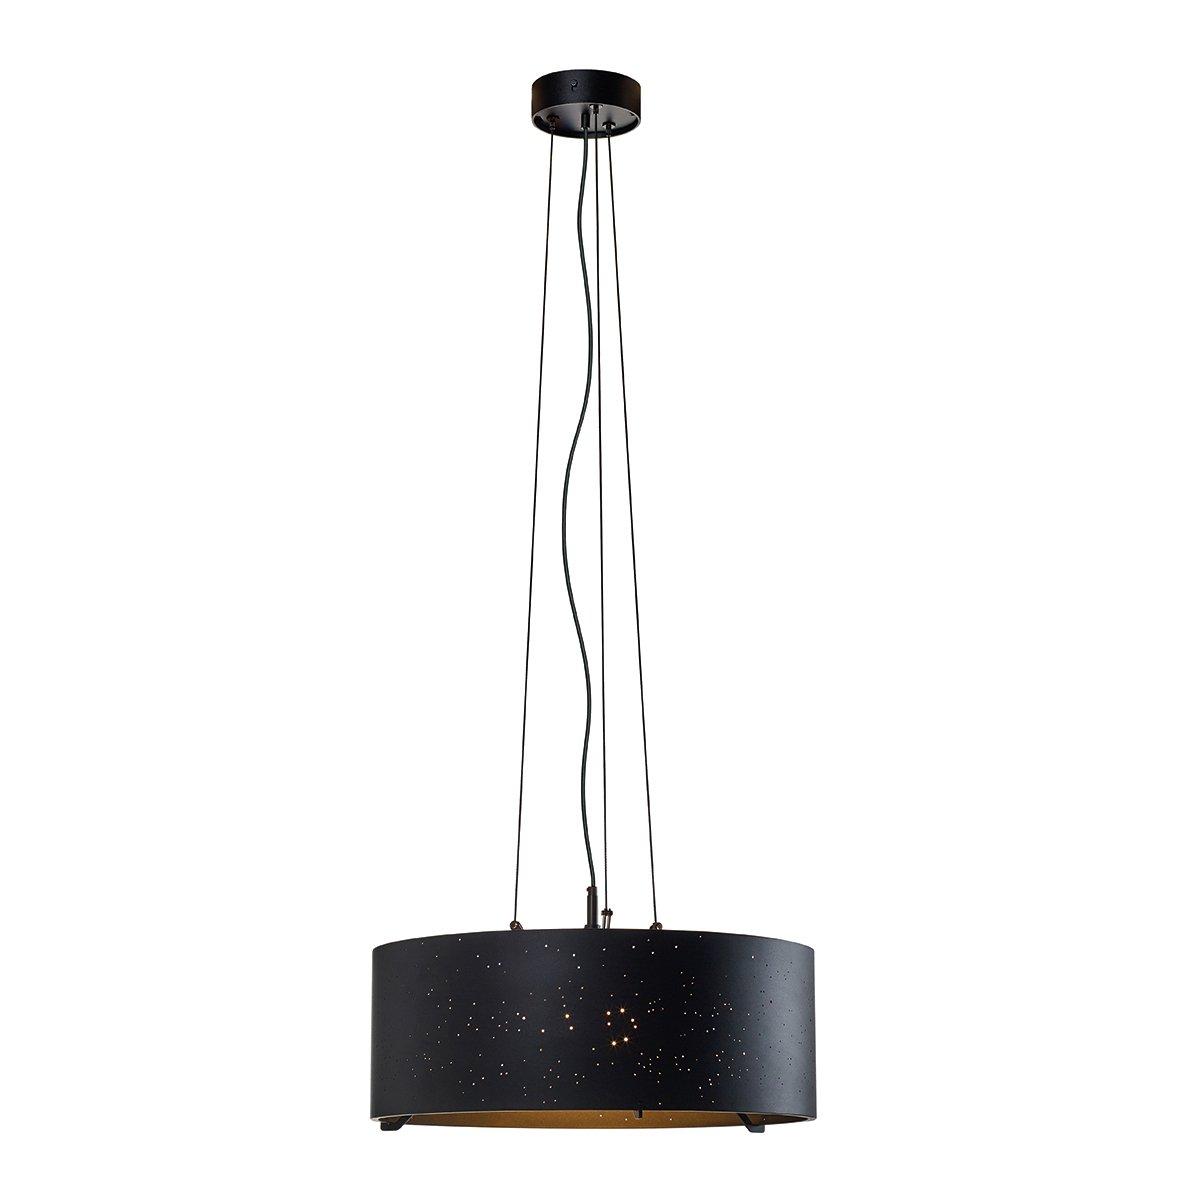 Tonone Orbit Hanglamp - Dutch Design Anton de Groof